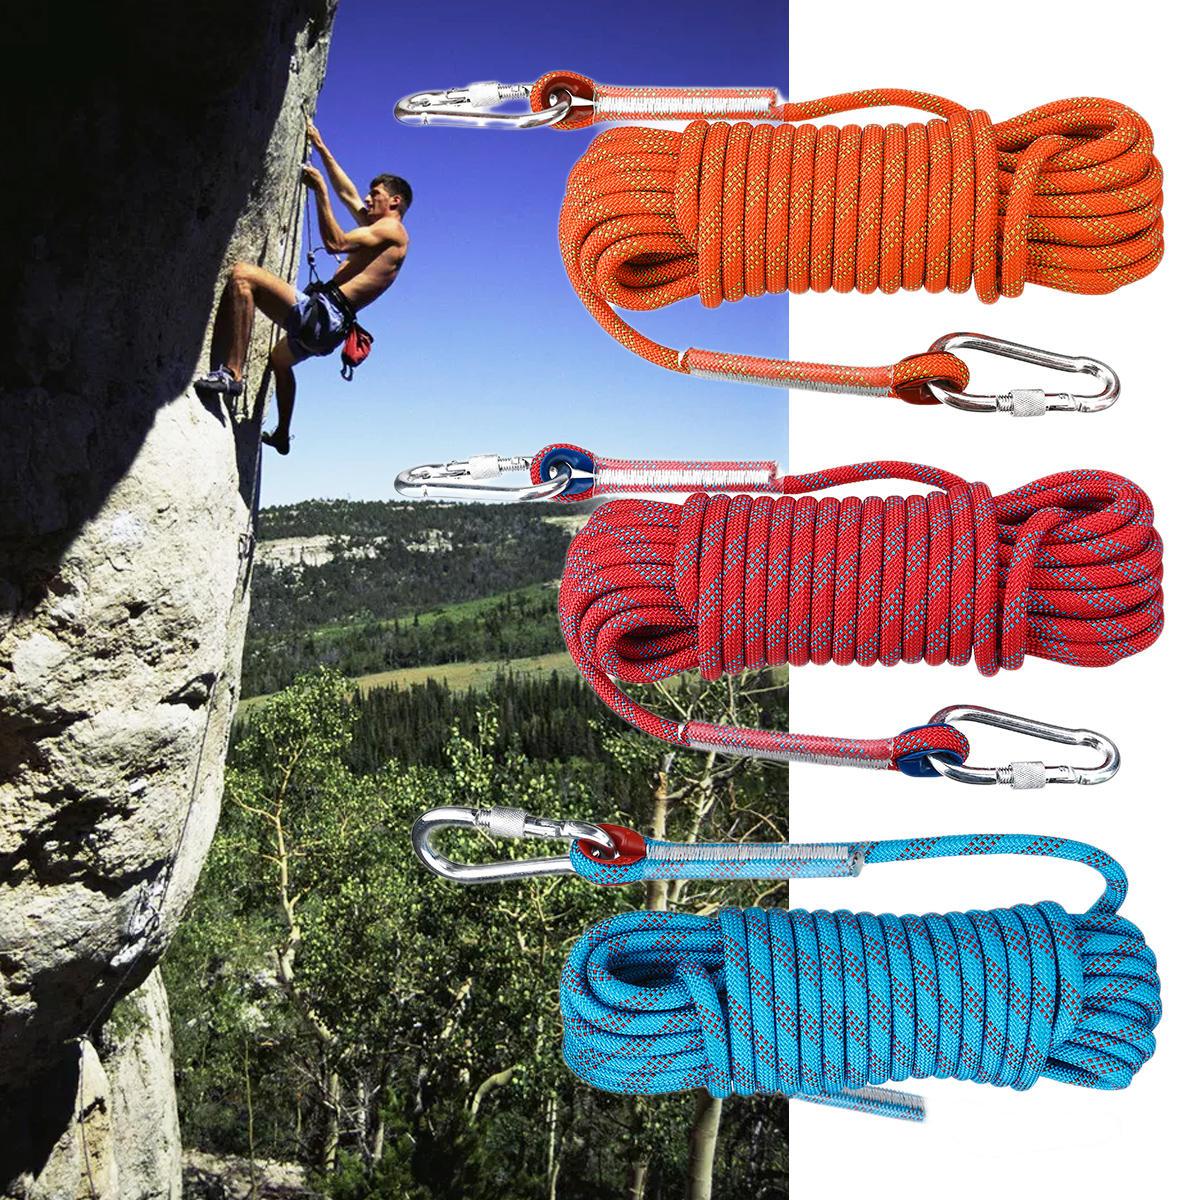 15メートル×10ミリメートルダブルバックルロッククライミングロープアウトドアスポーツ登山クライミングダウンヒル安全ロープ